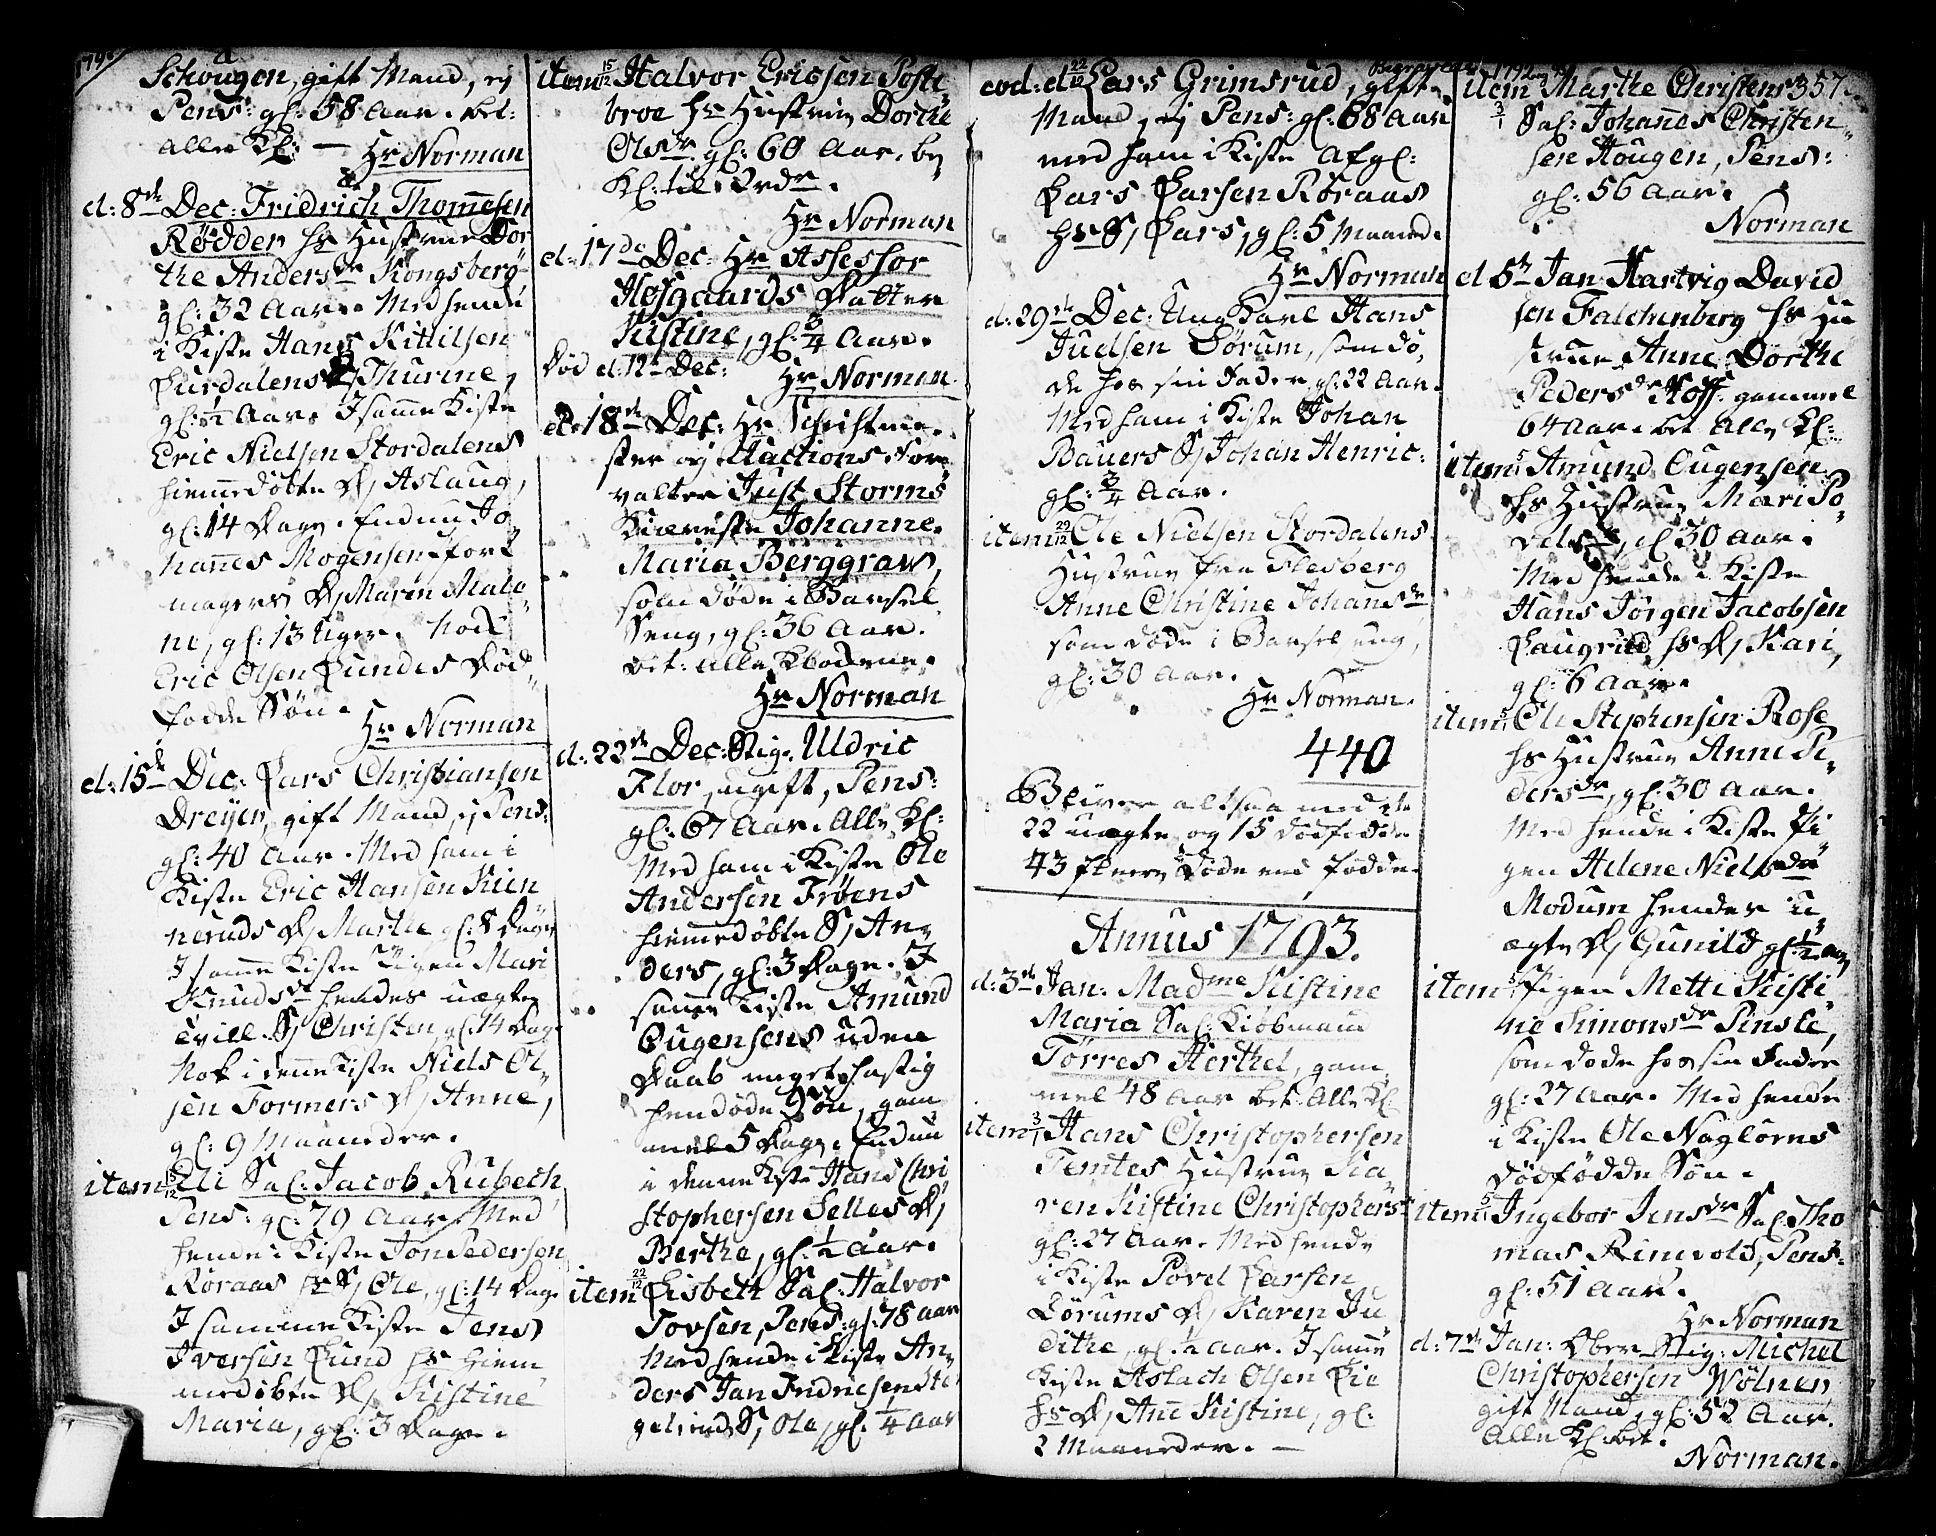 SAKO, Kongsberg kirkebøker, F/Fa/L0006: Ministerialbok nr. I 6, 1783-1797, s. 357